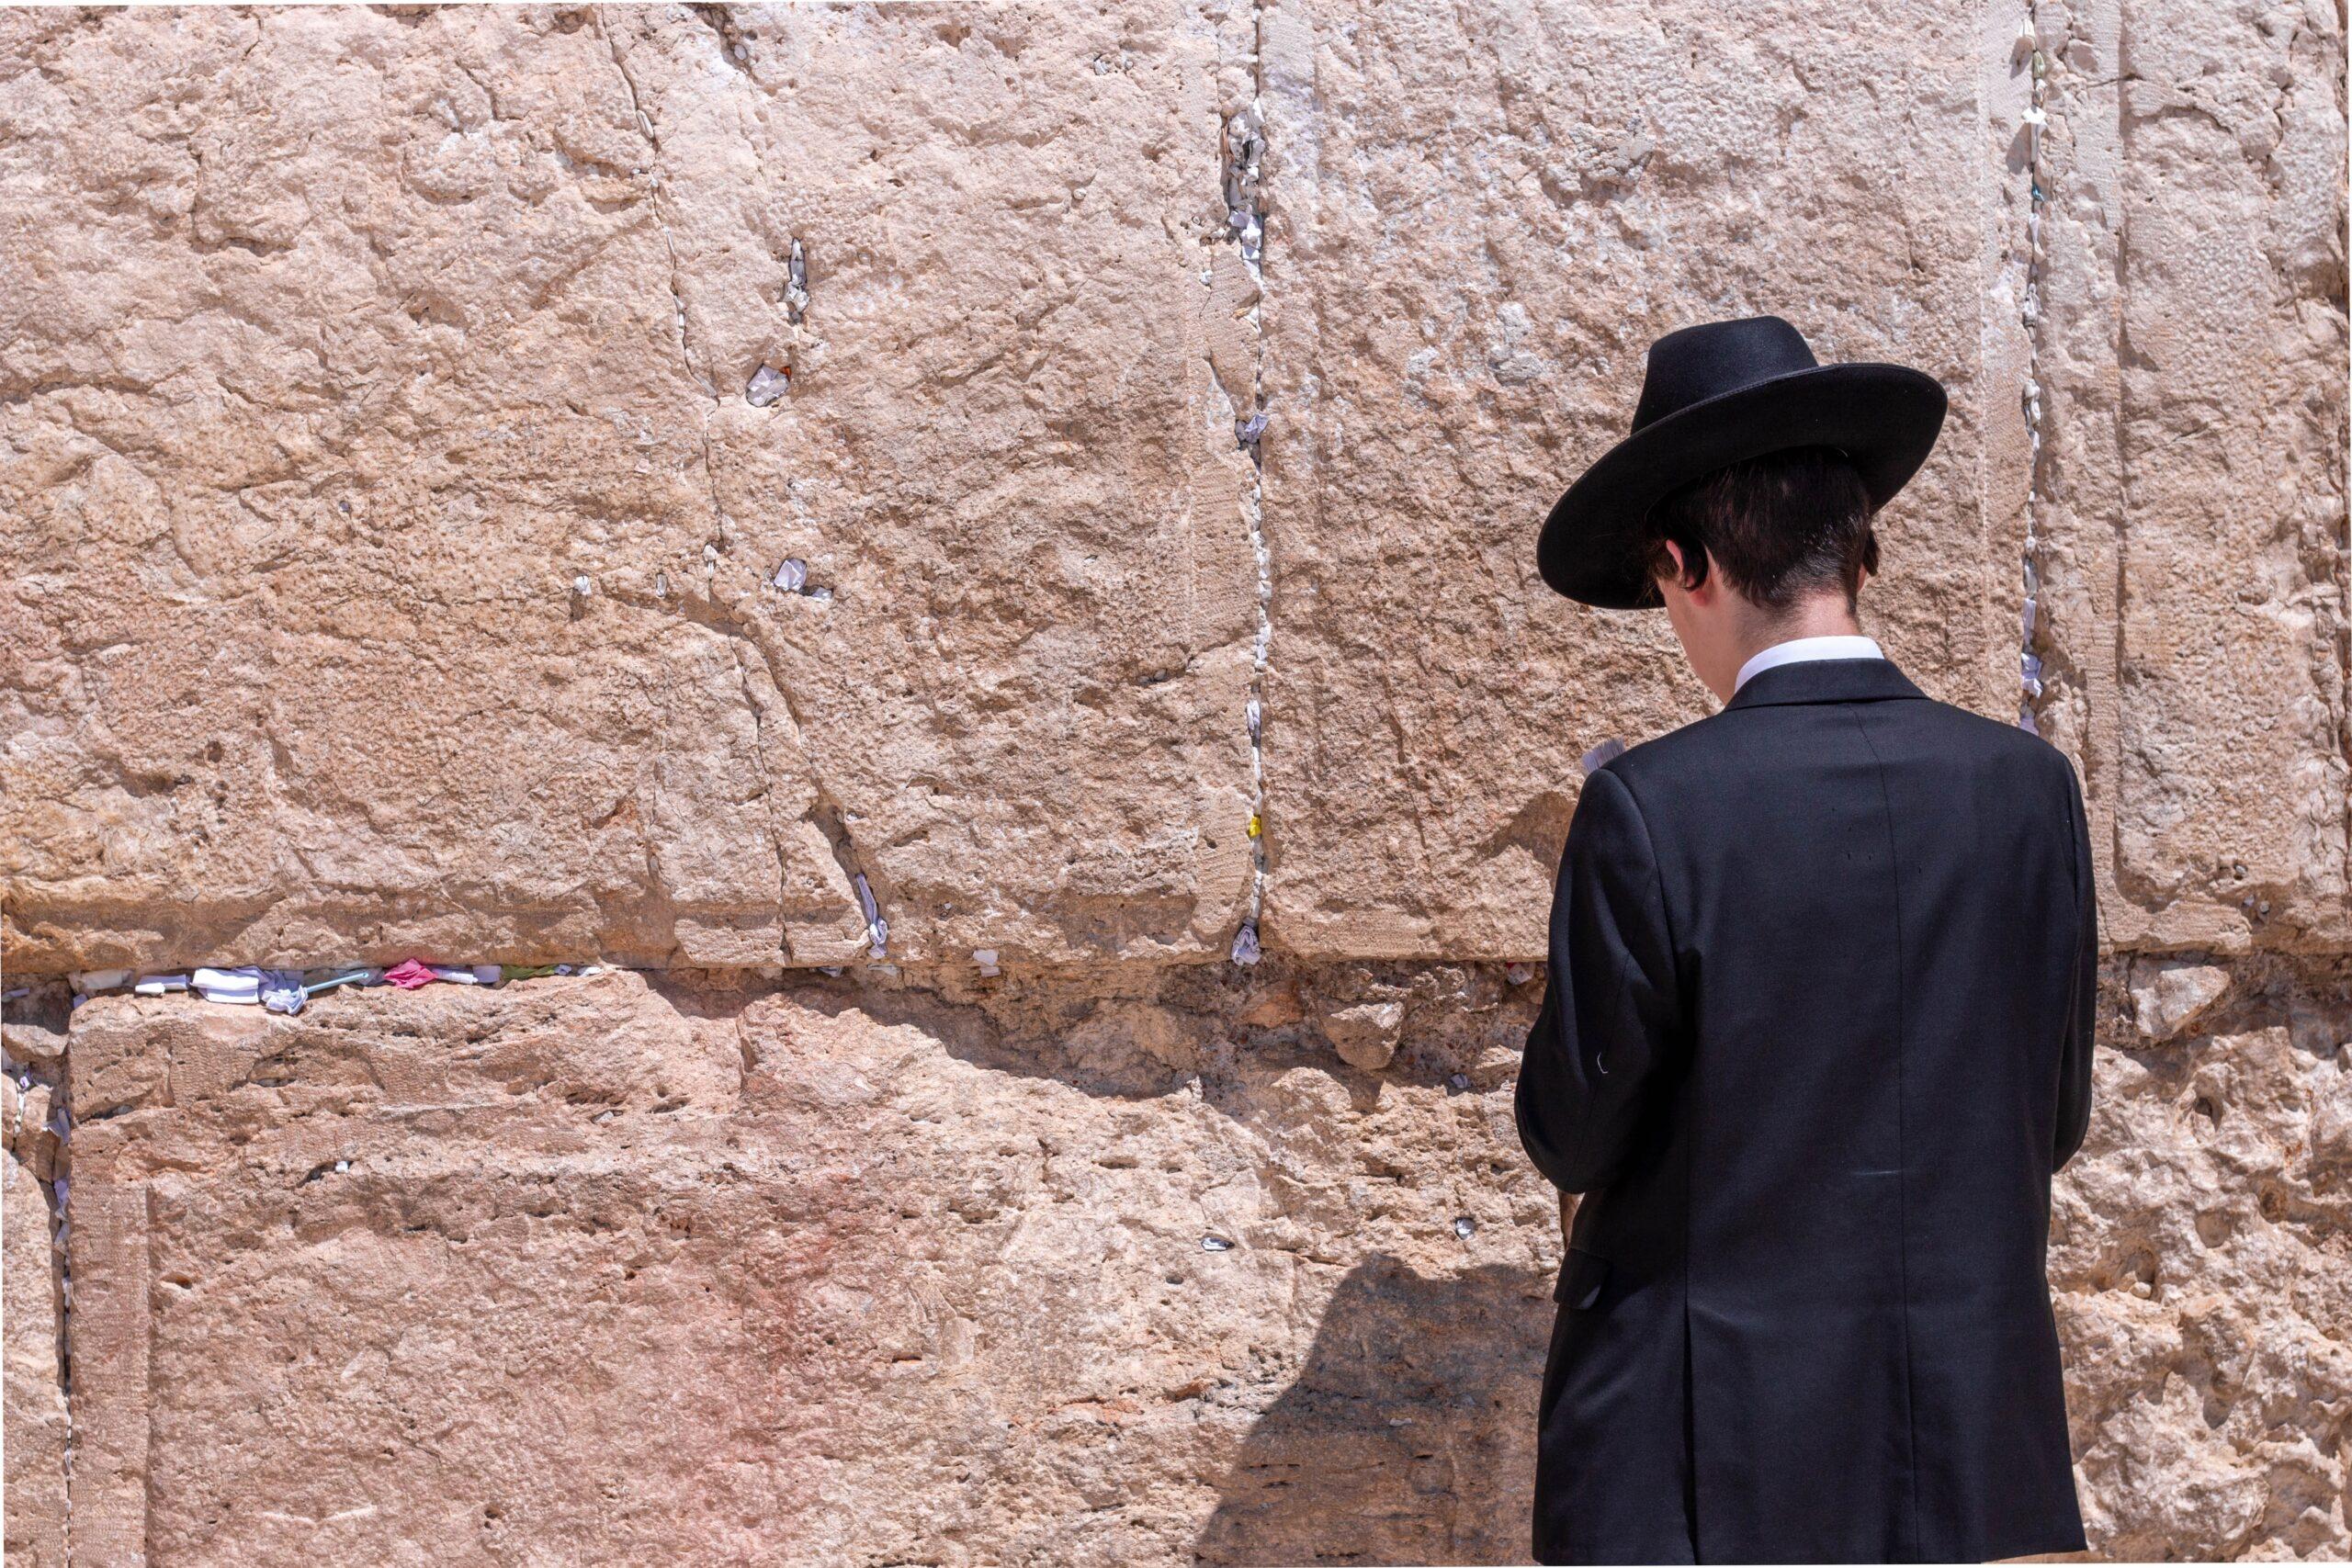 Az ortodox izraelieké a jövő, legalábbis a demográfia terén